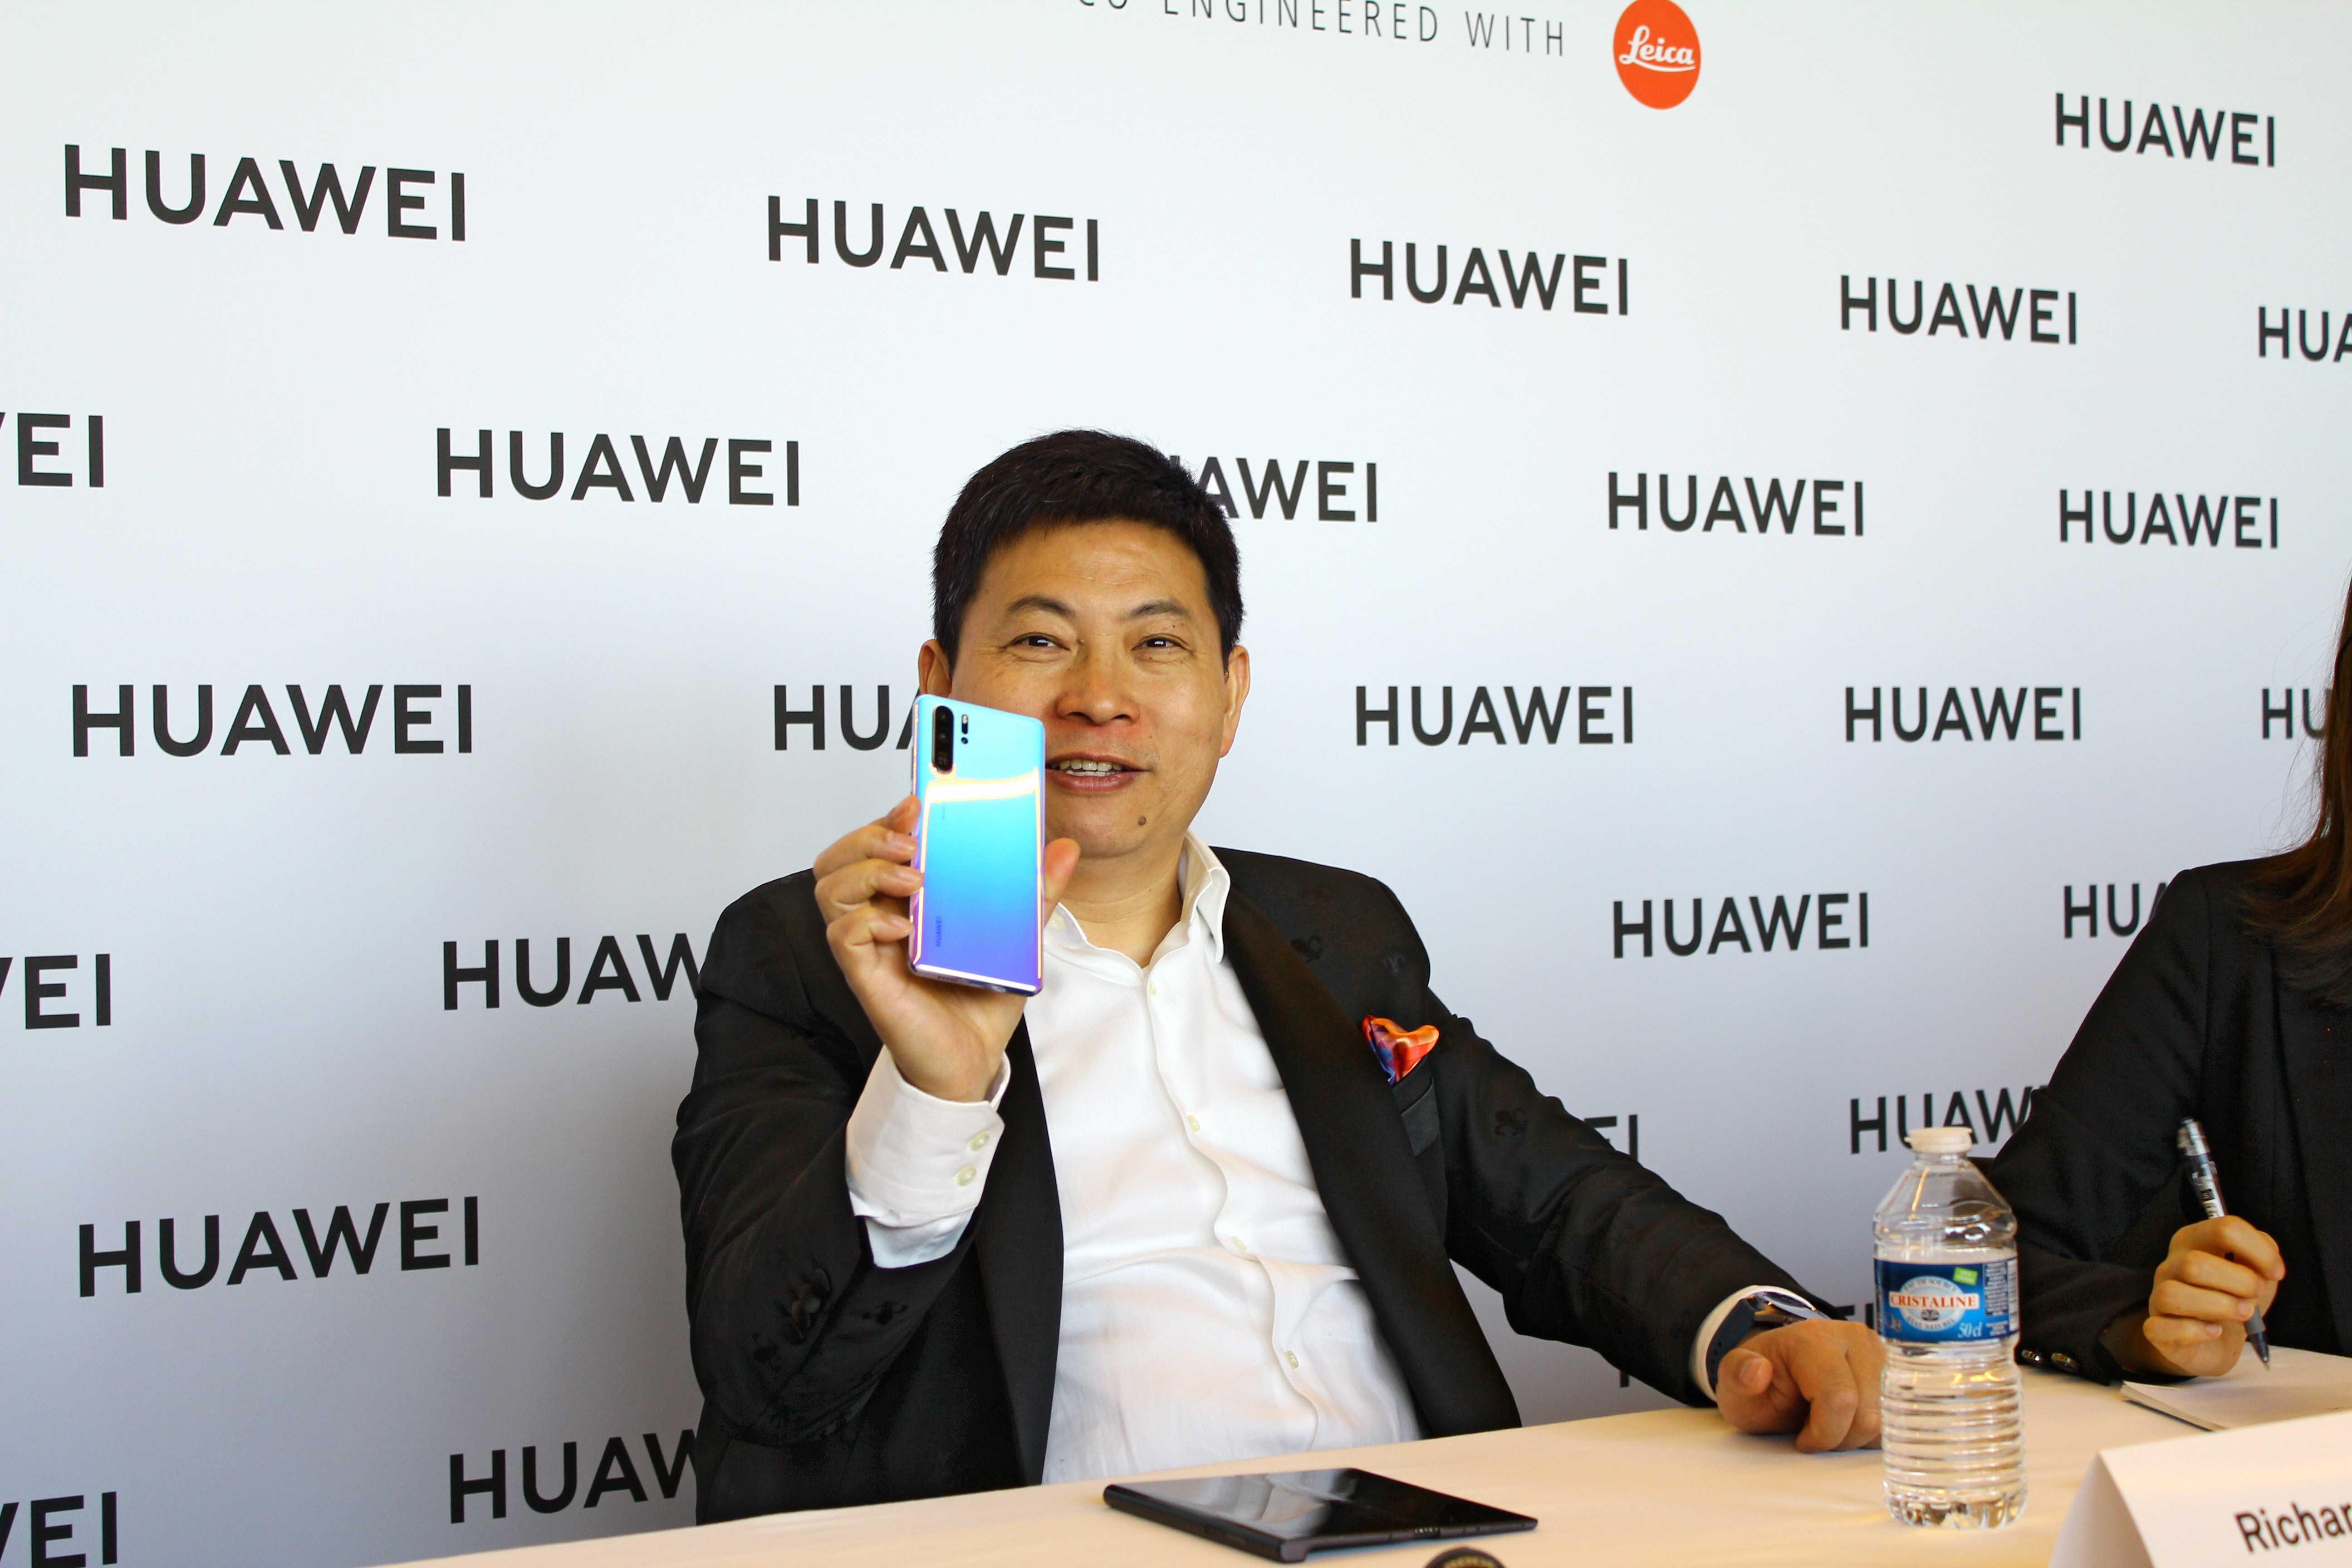 Трамп «помиловал» huawei. компании дали временный допуск к американским технологиям